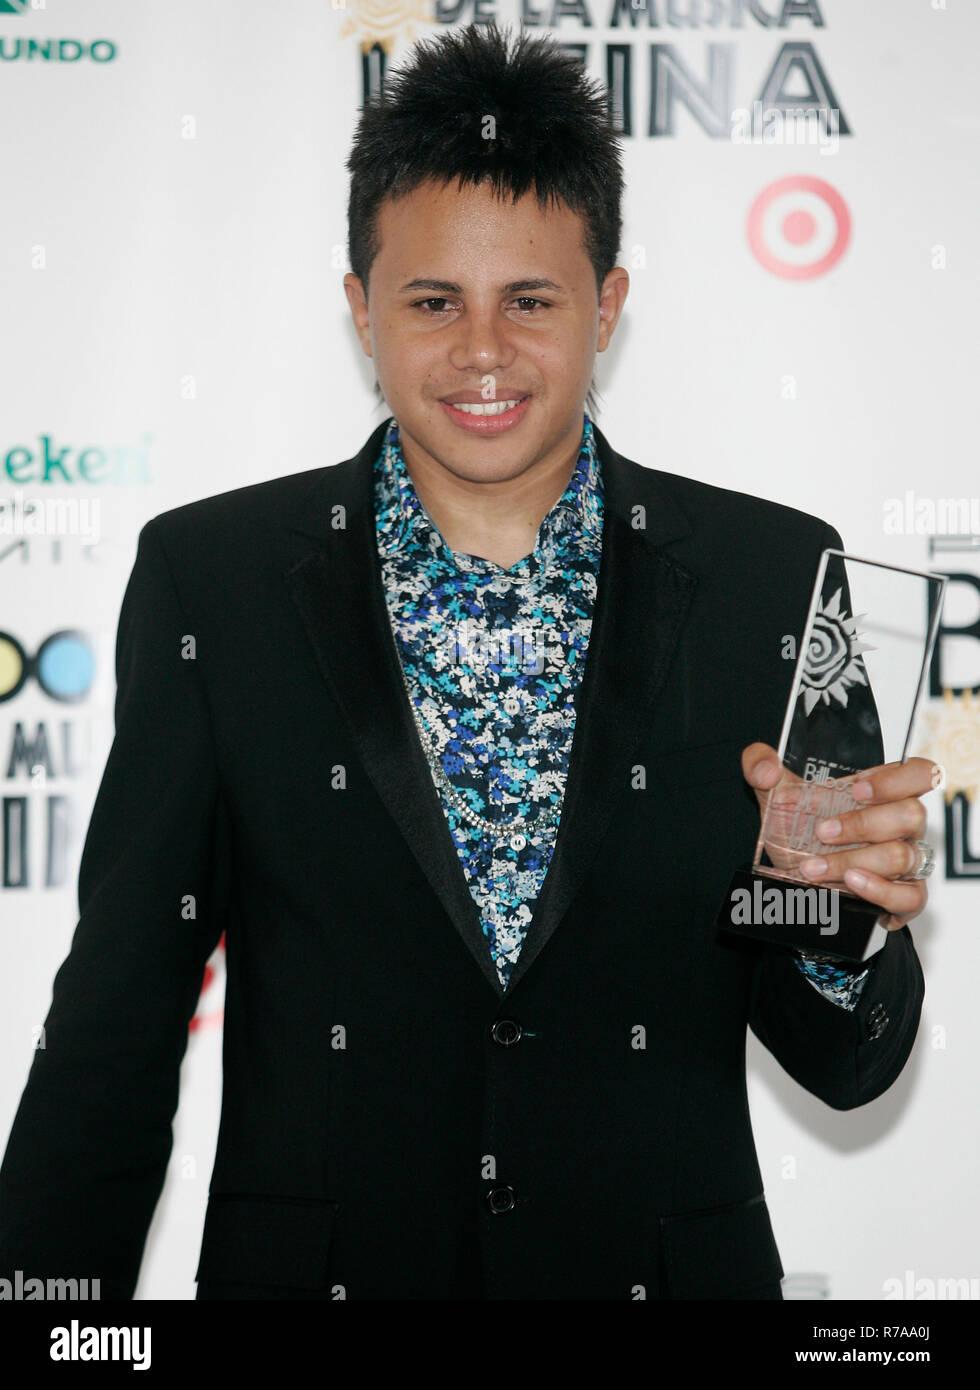 Phillips Toons feiert den Gewinn der Hersteller des Jahres ausgezeichnet, backstage bei den Latin Billboard Awards 2007 an der BankUnited Mitte in Coral Gables, Florida am 26. April 2007. Stockbild